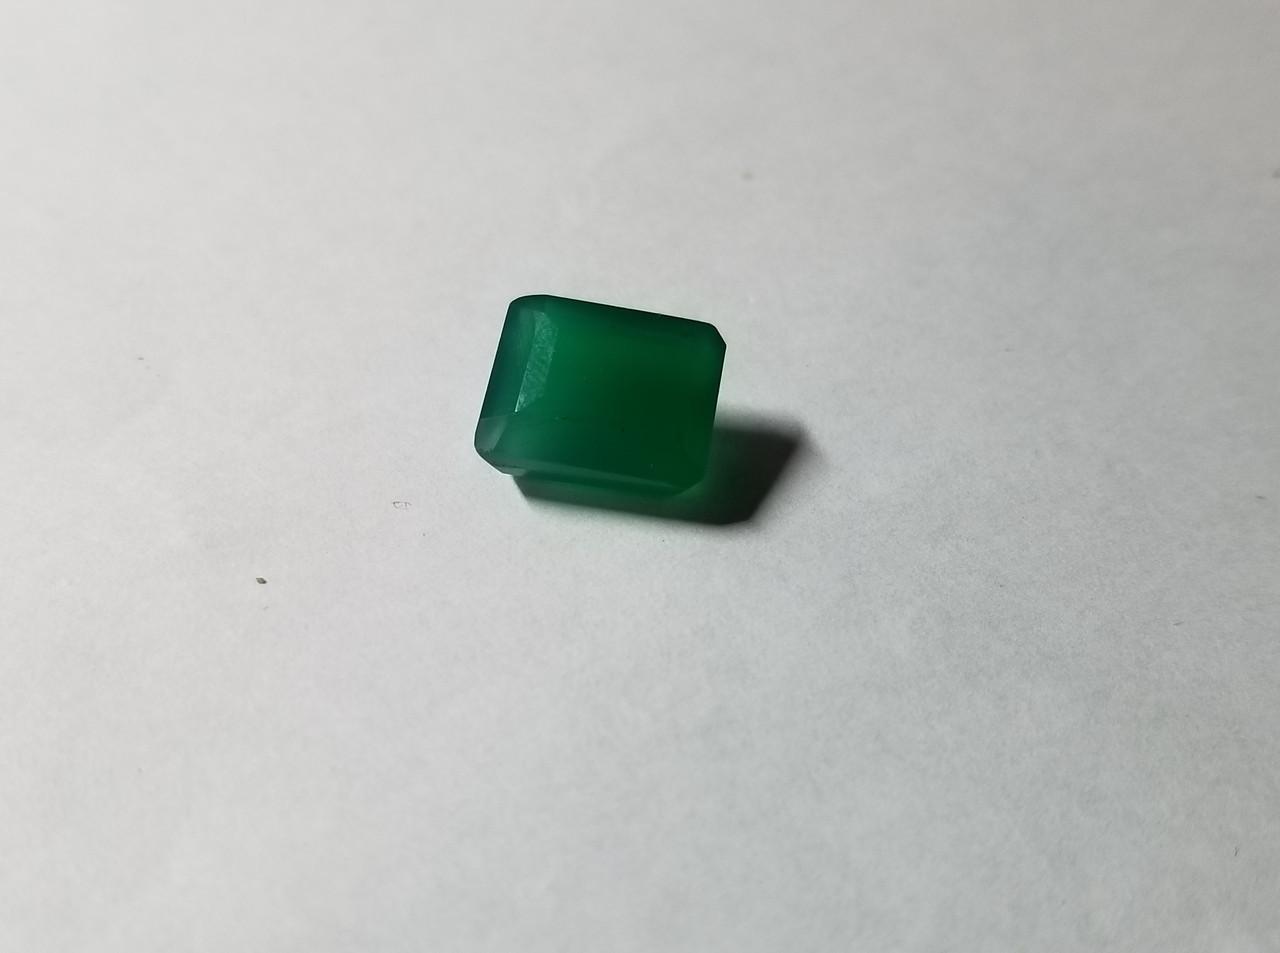 Камень зеленый оникс 5.65 Ct   11.3 х 9 х 6.8 мм